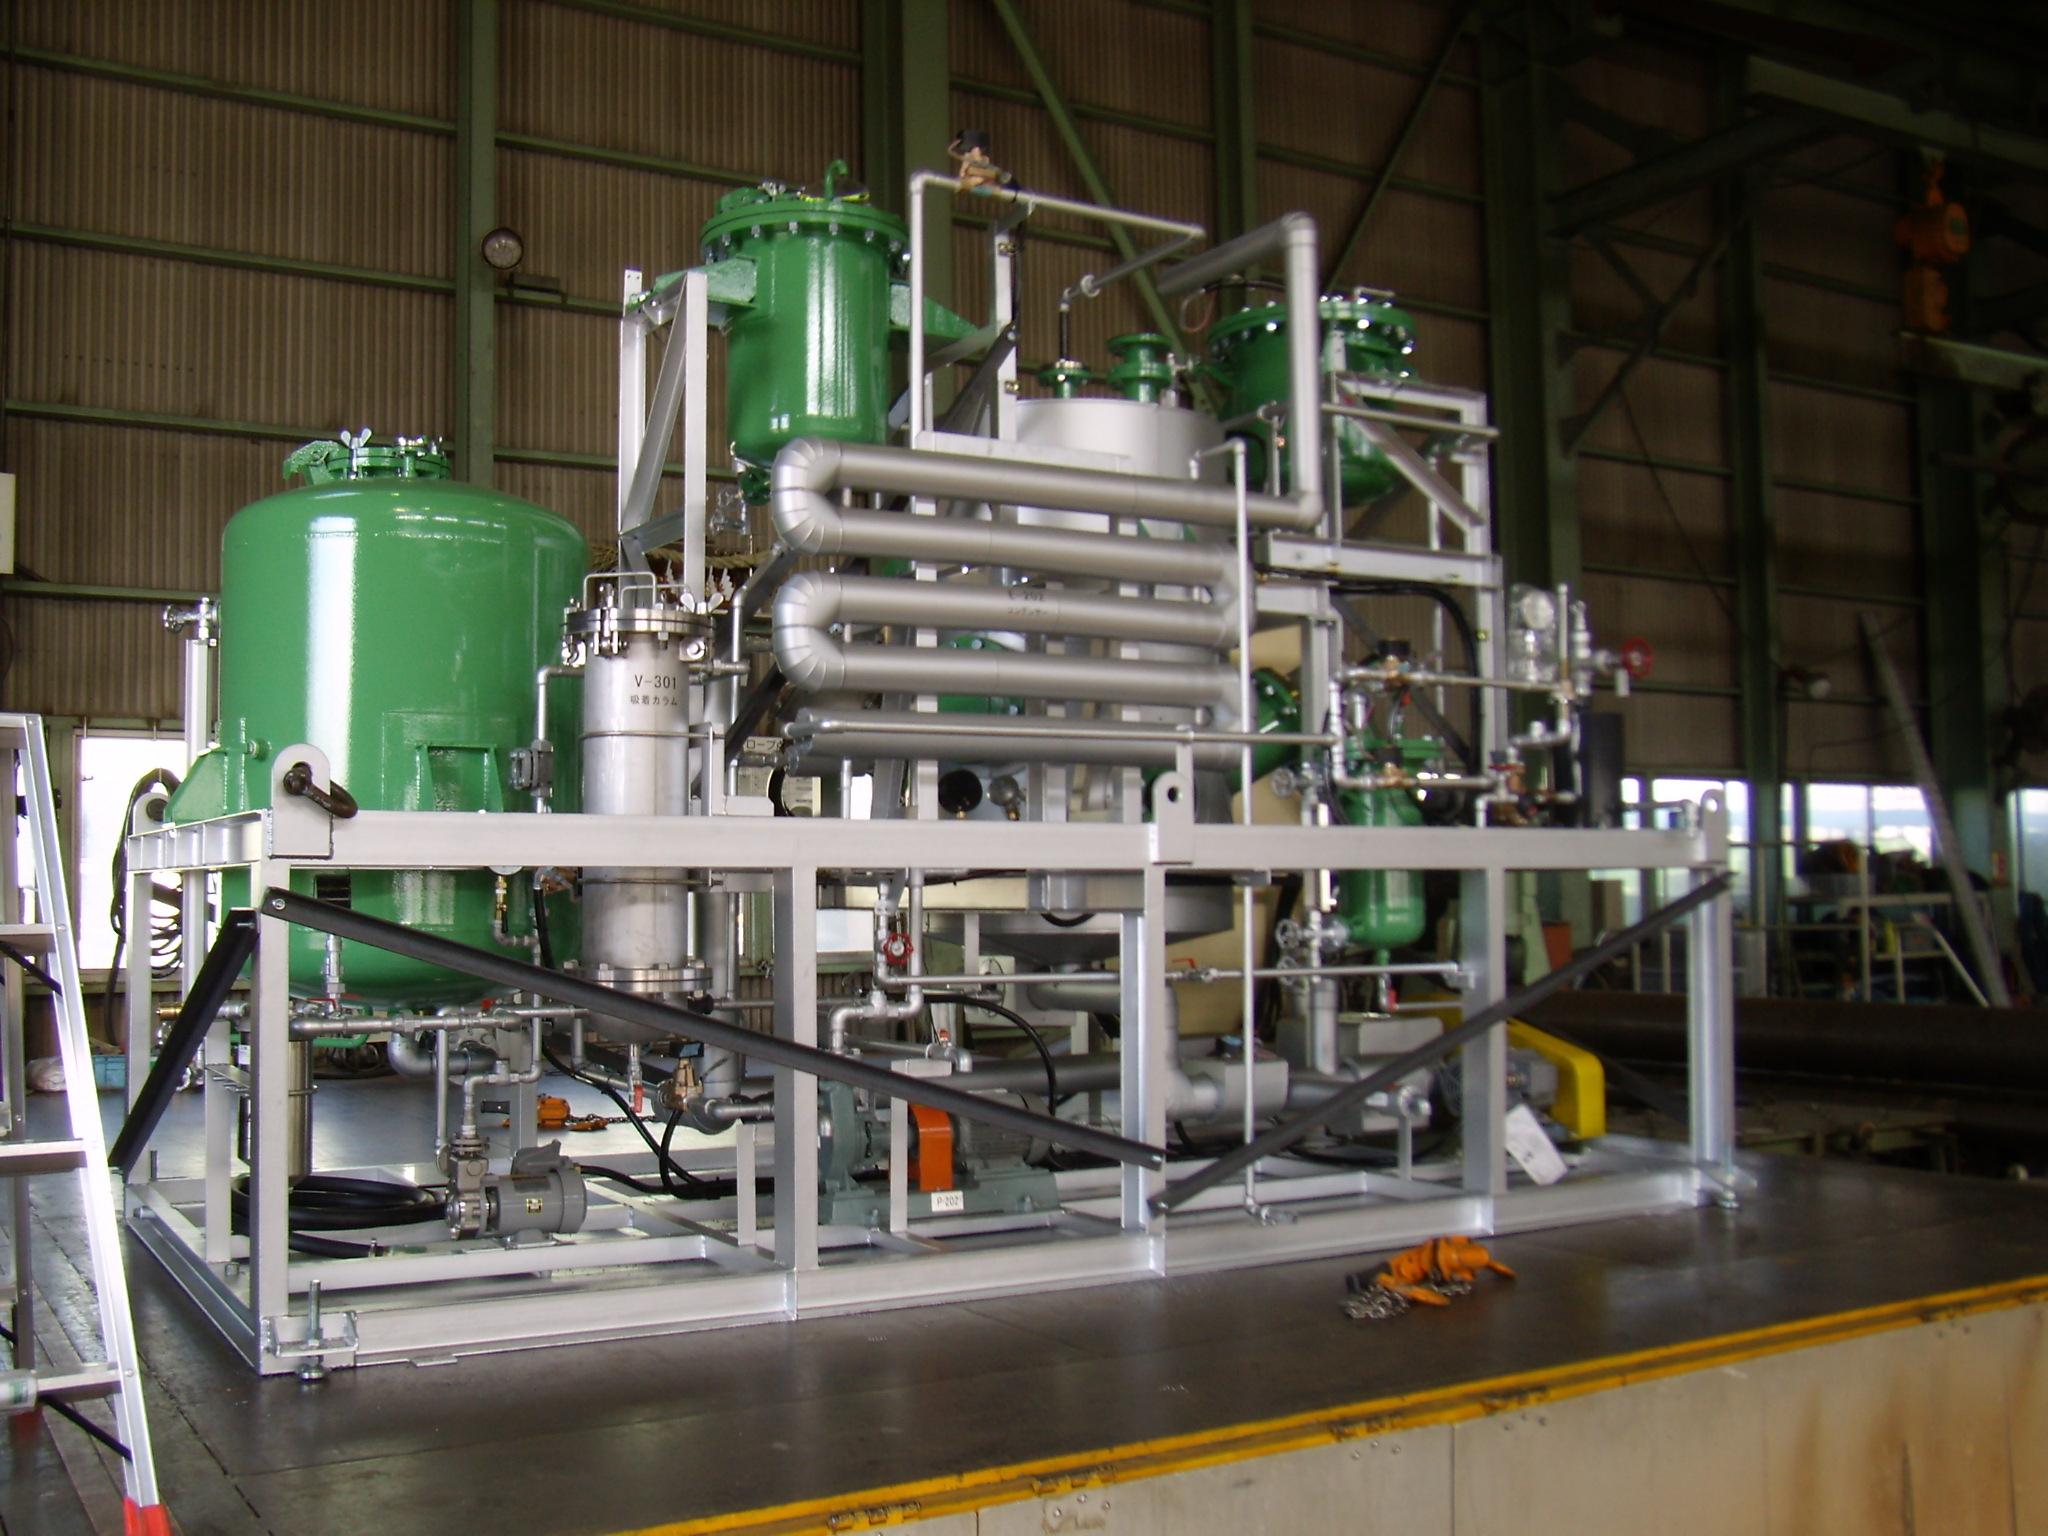 BDF(バイオ・ディーゼル・燃料)製造設備